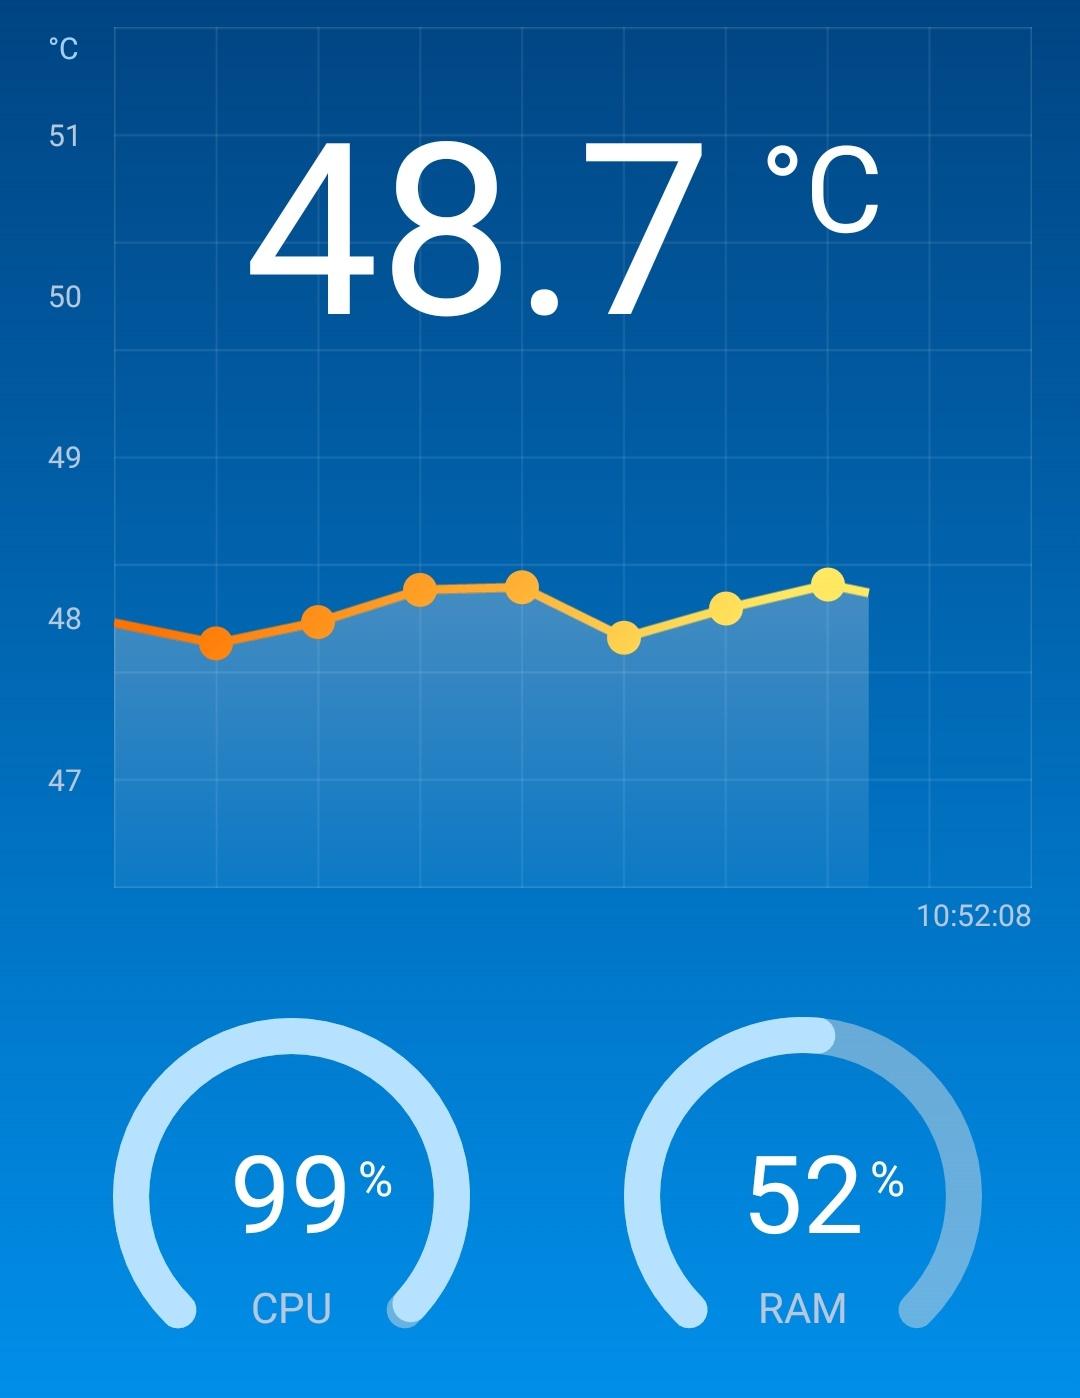 CPUに負荷をかけた後のスマホの温度